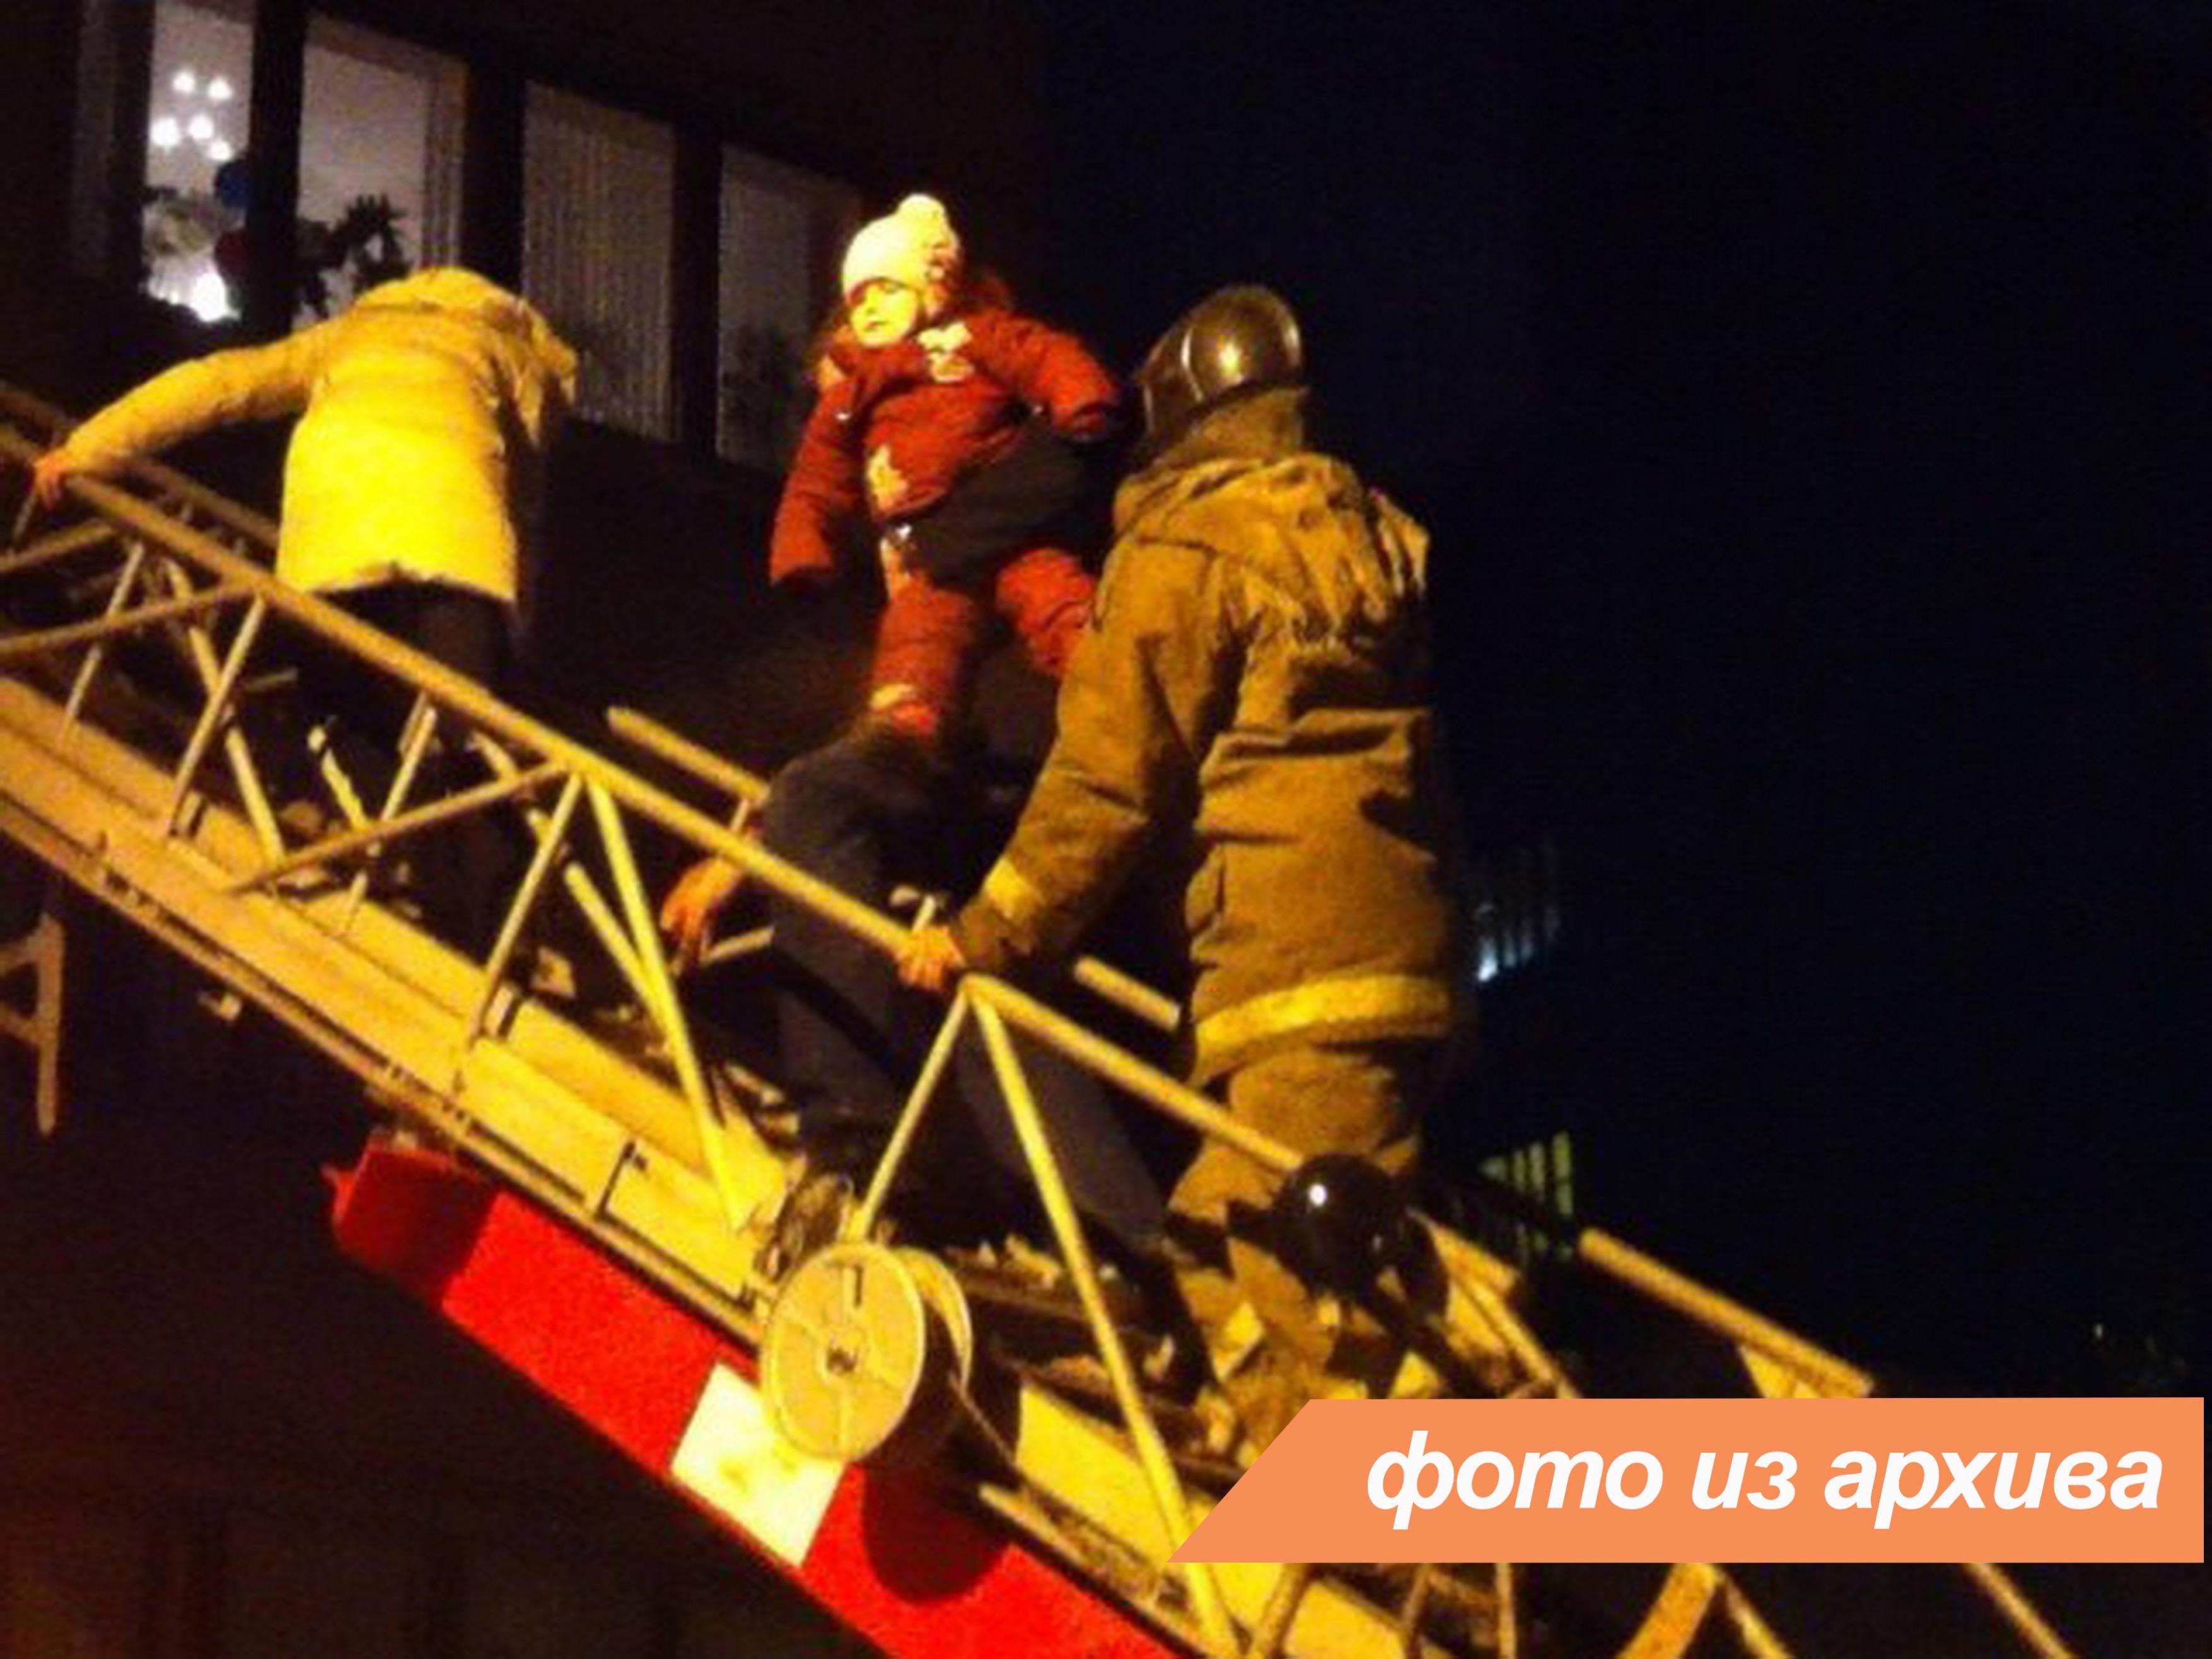 Пожарно-спасательное подразделение ликвидировало пожар в городе Сосновый Бор